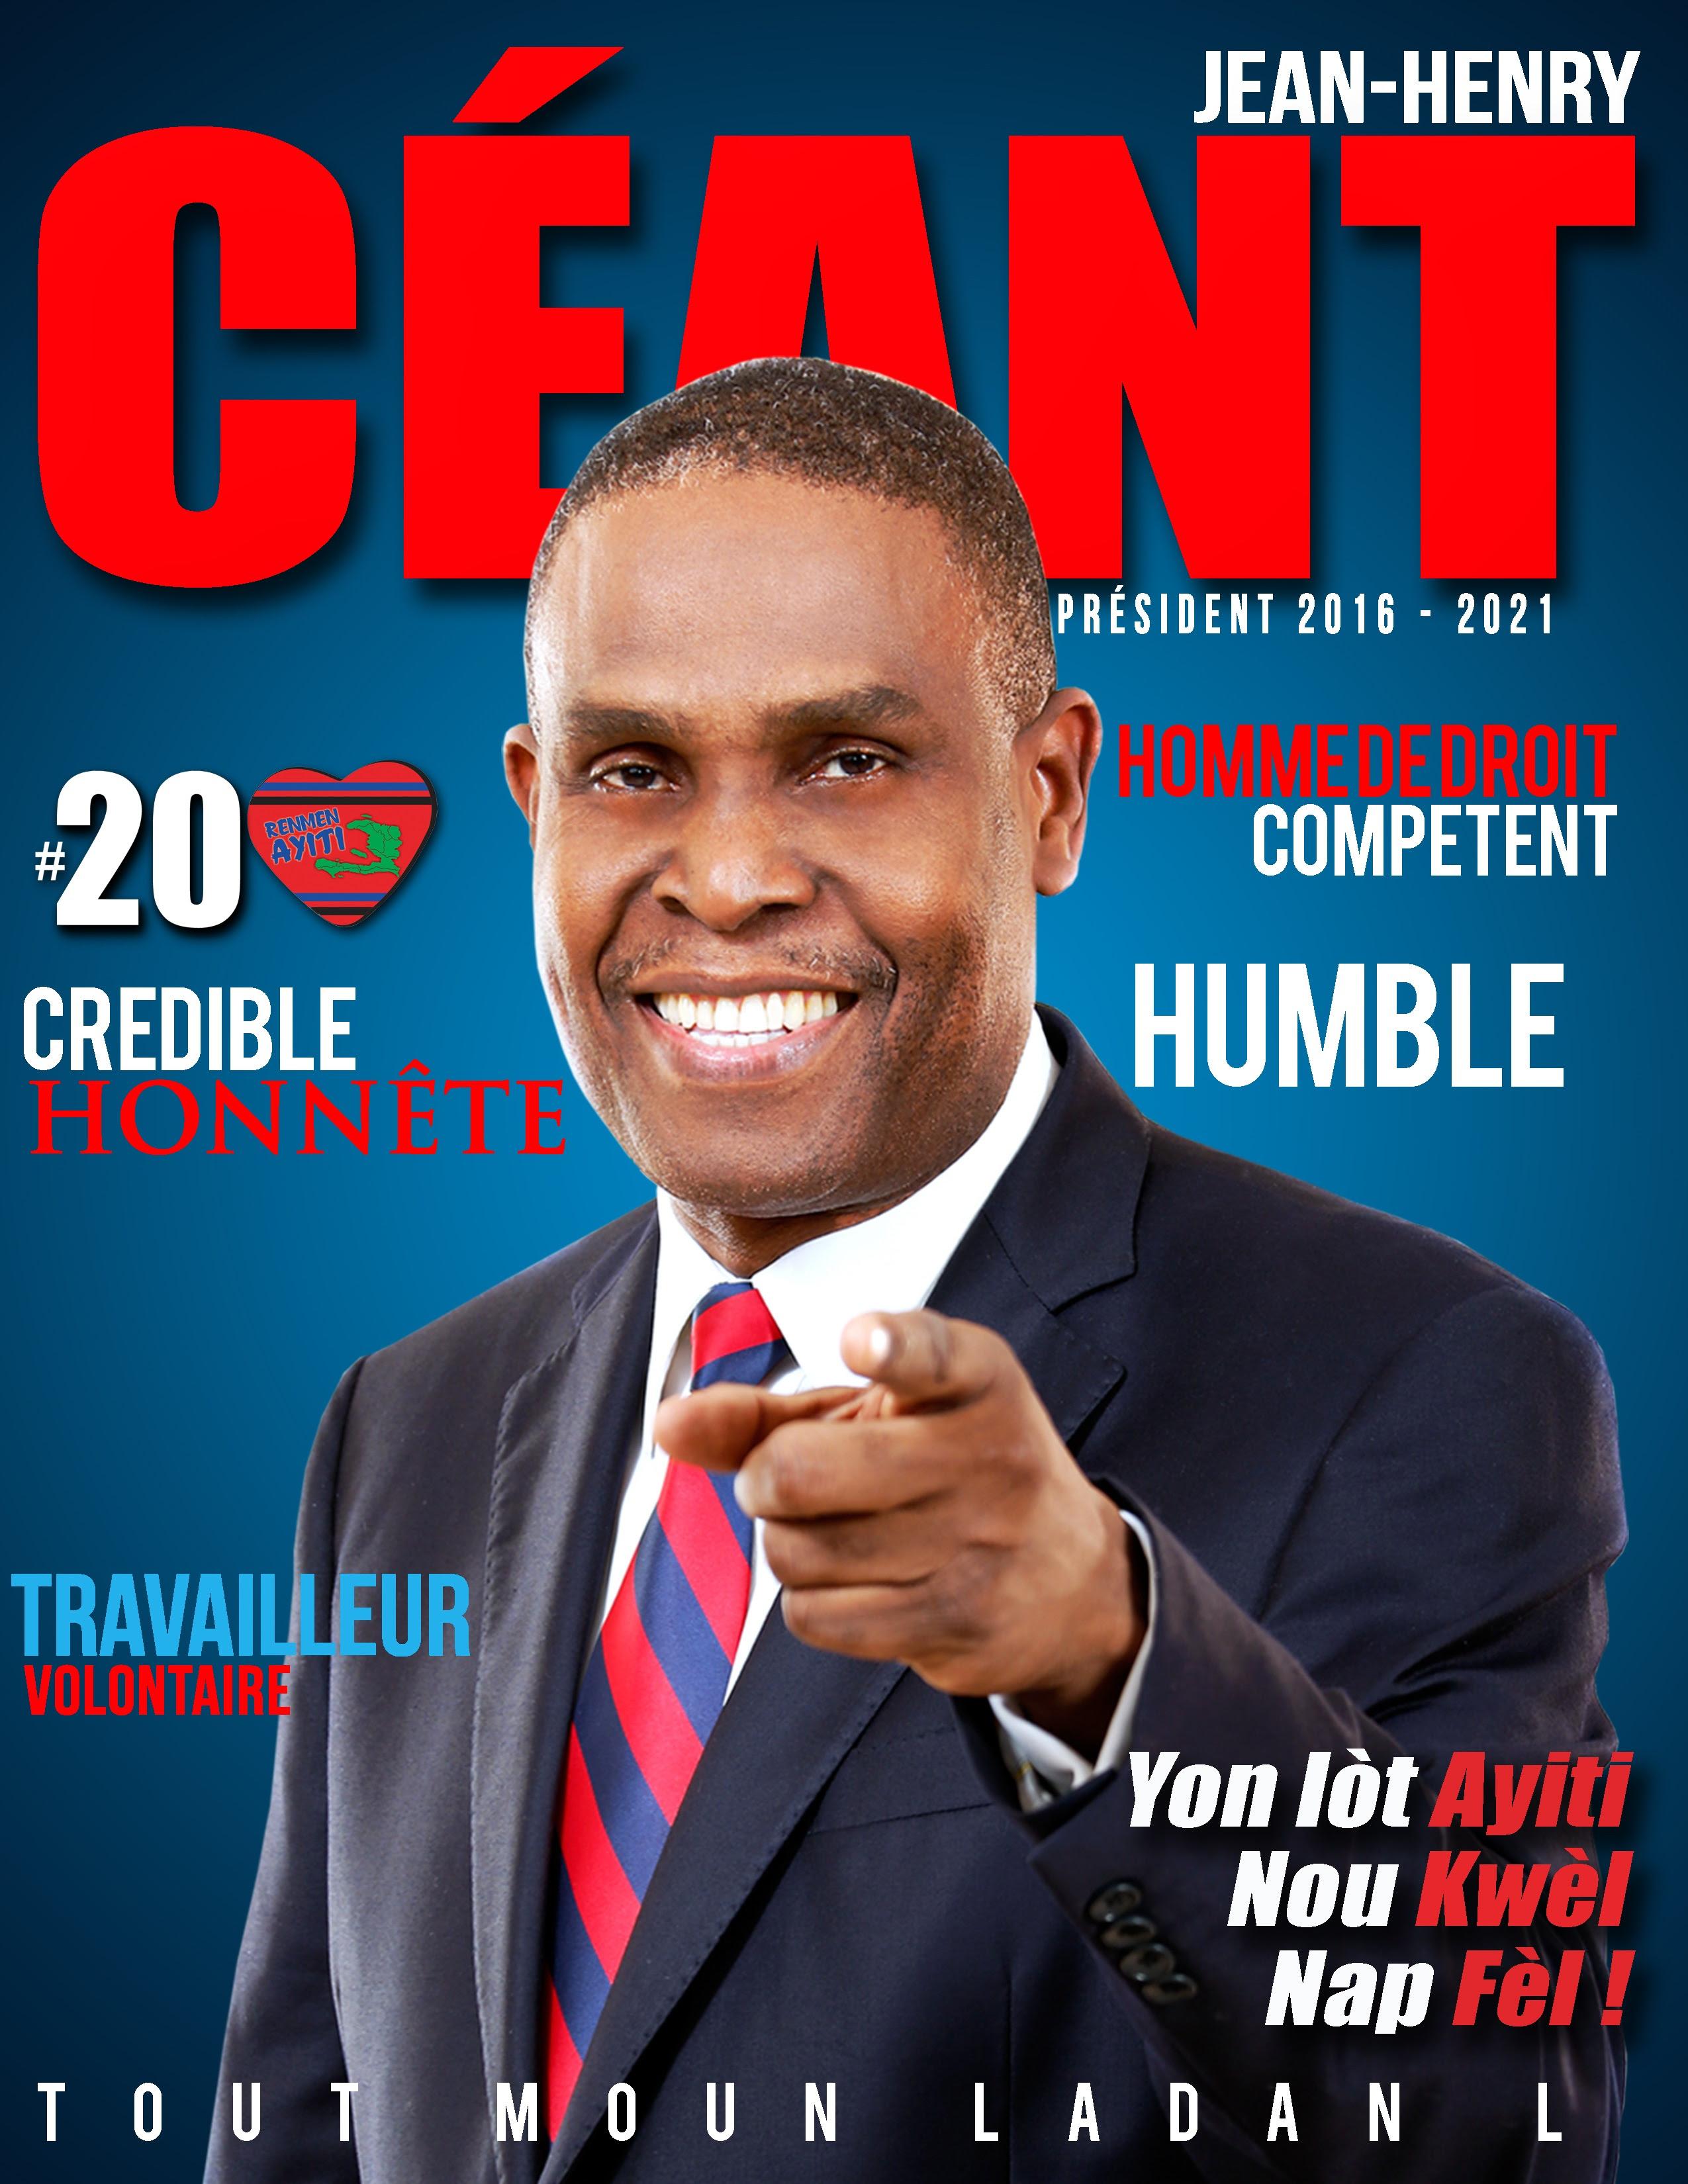 Jean-Henry Ceant le Président ideal pour Haiti